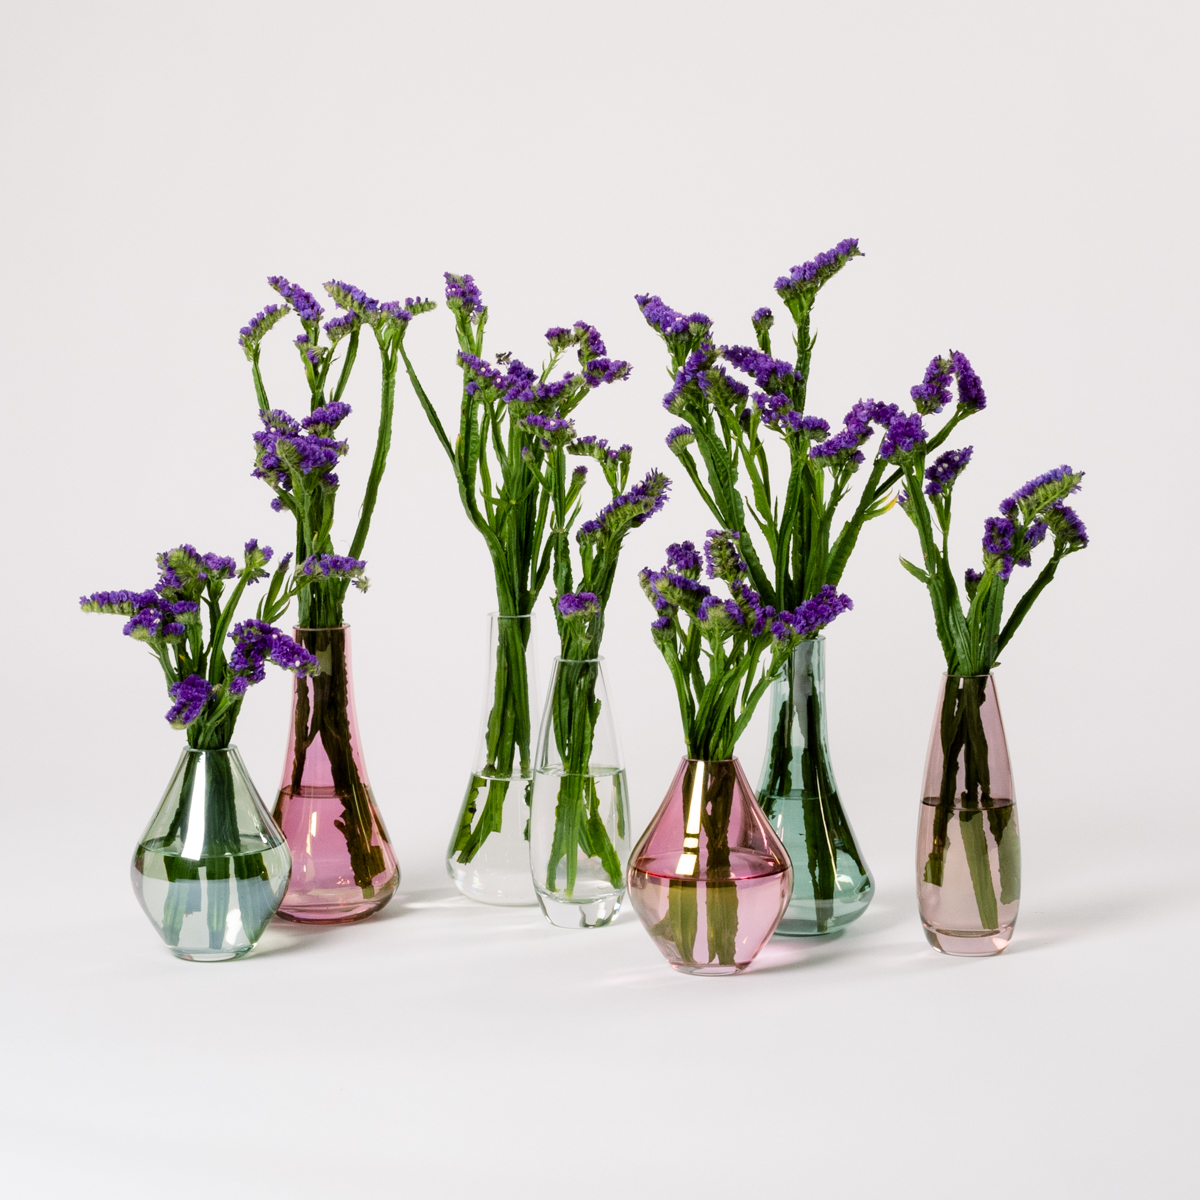 Bloom Flower Delivery | Sepia Glass Stem Vase